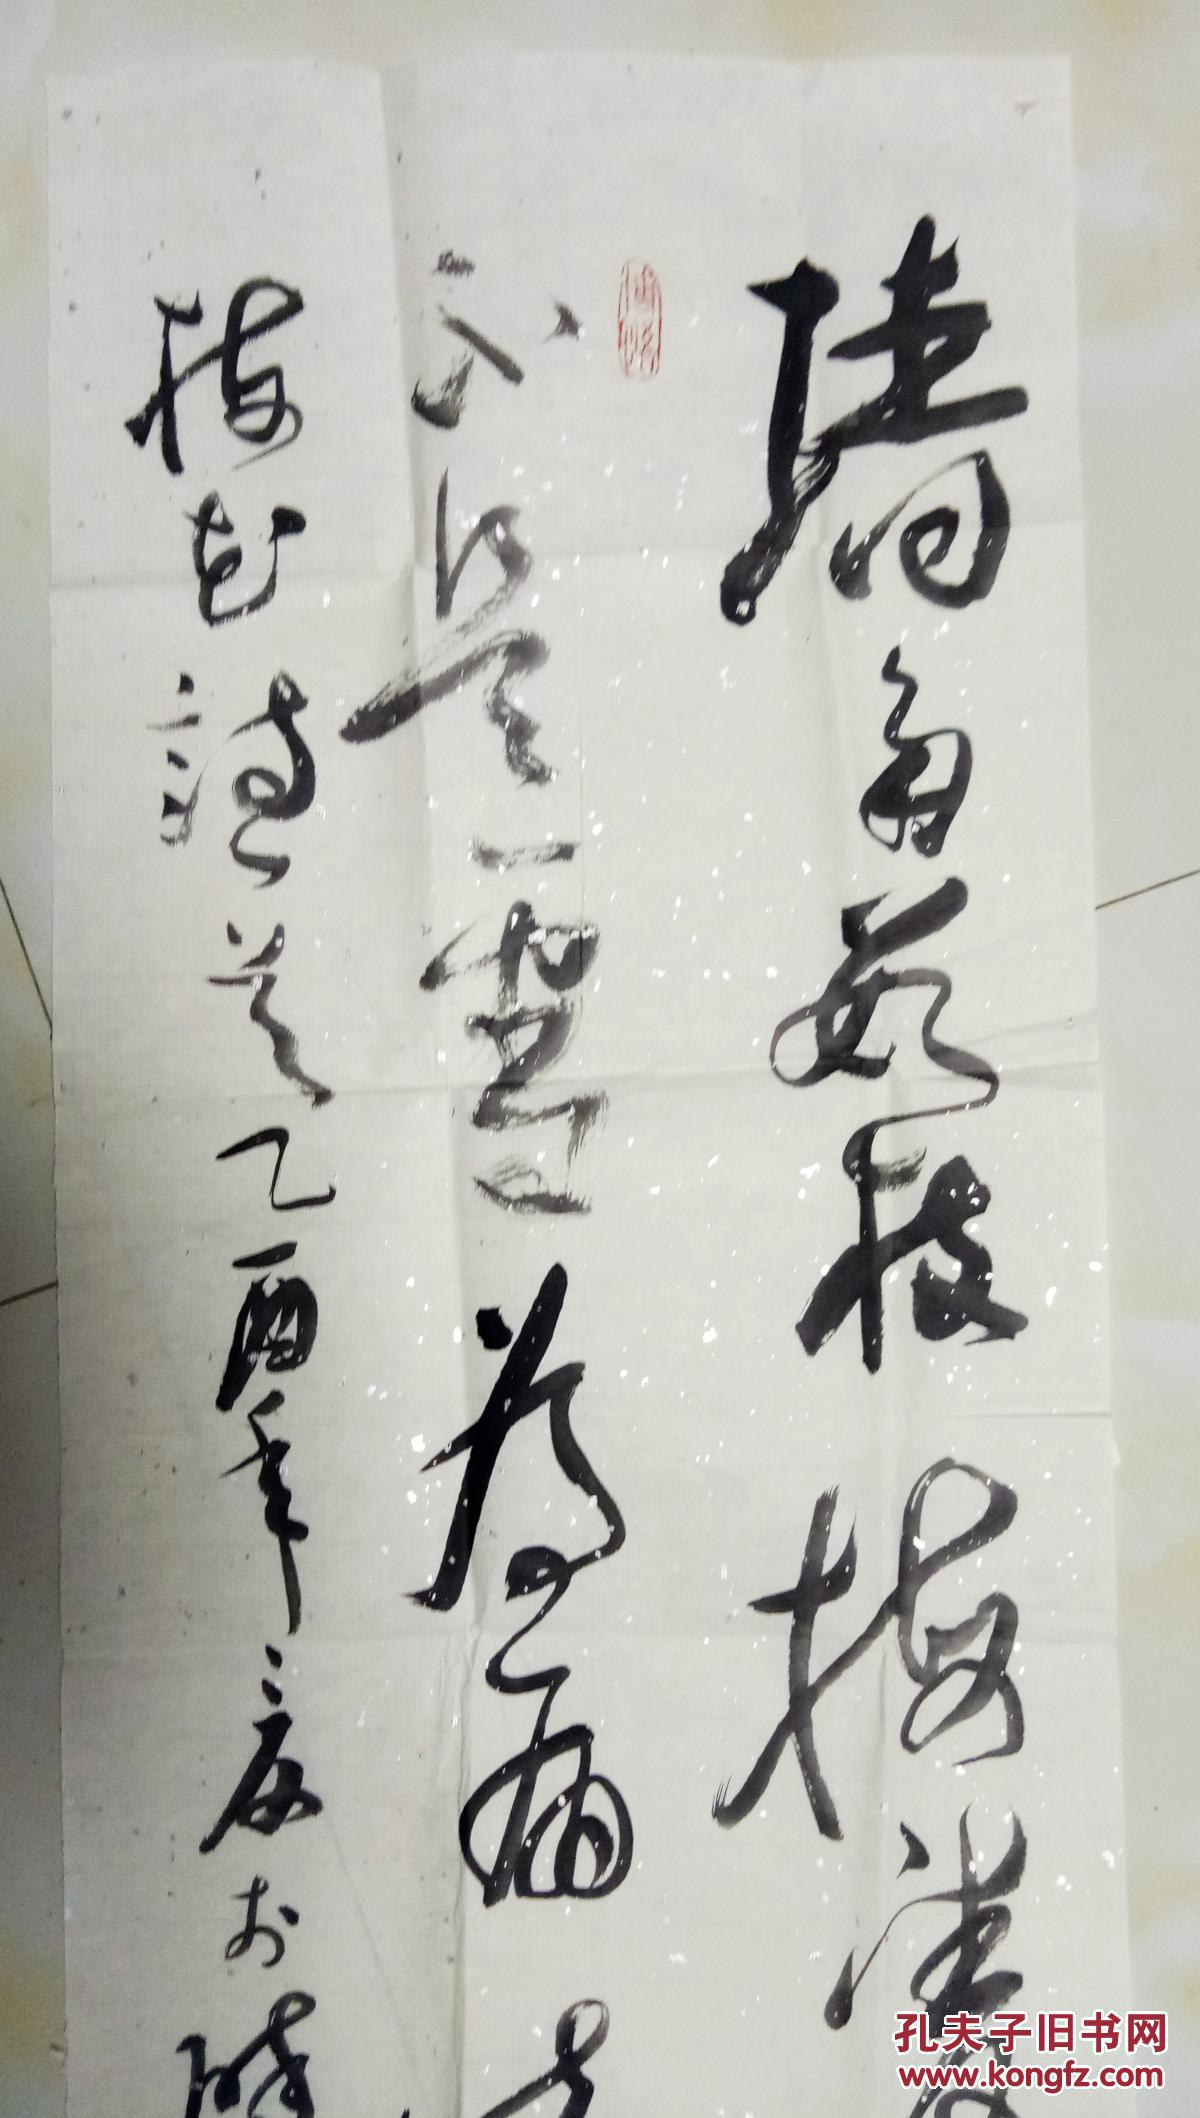 王安石《咏梅》_《咏梅》原文翻译及赏析 - 爱诗词